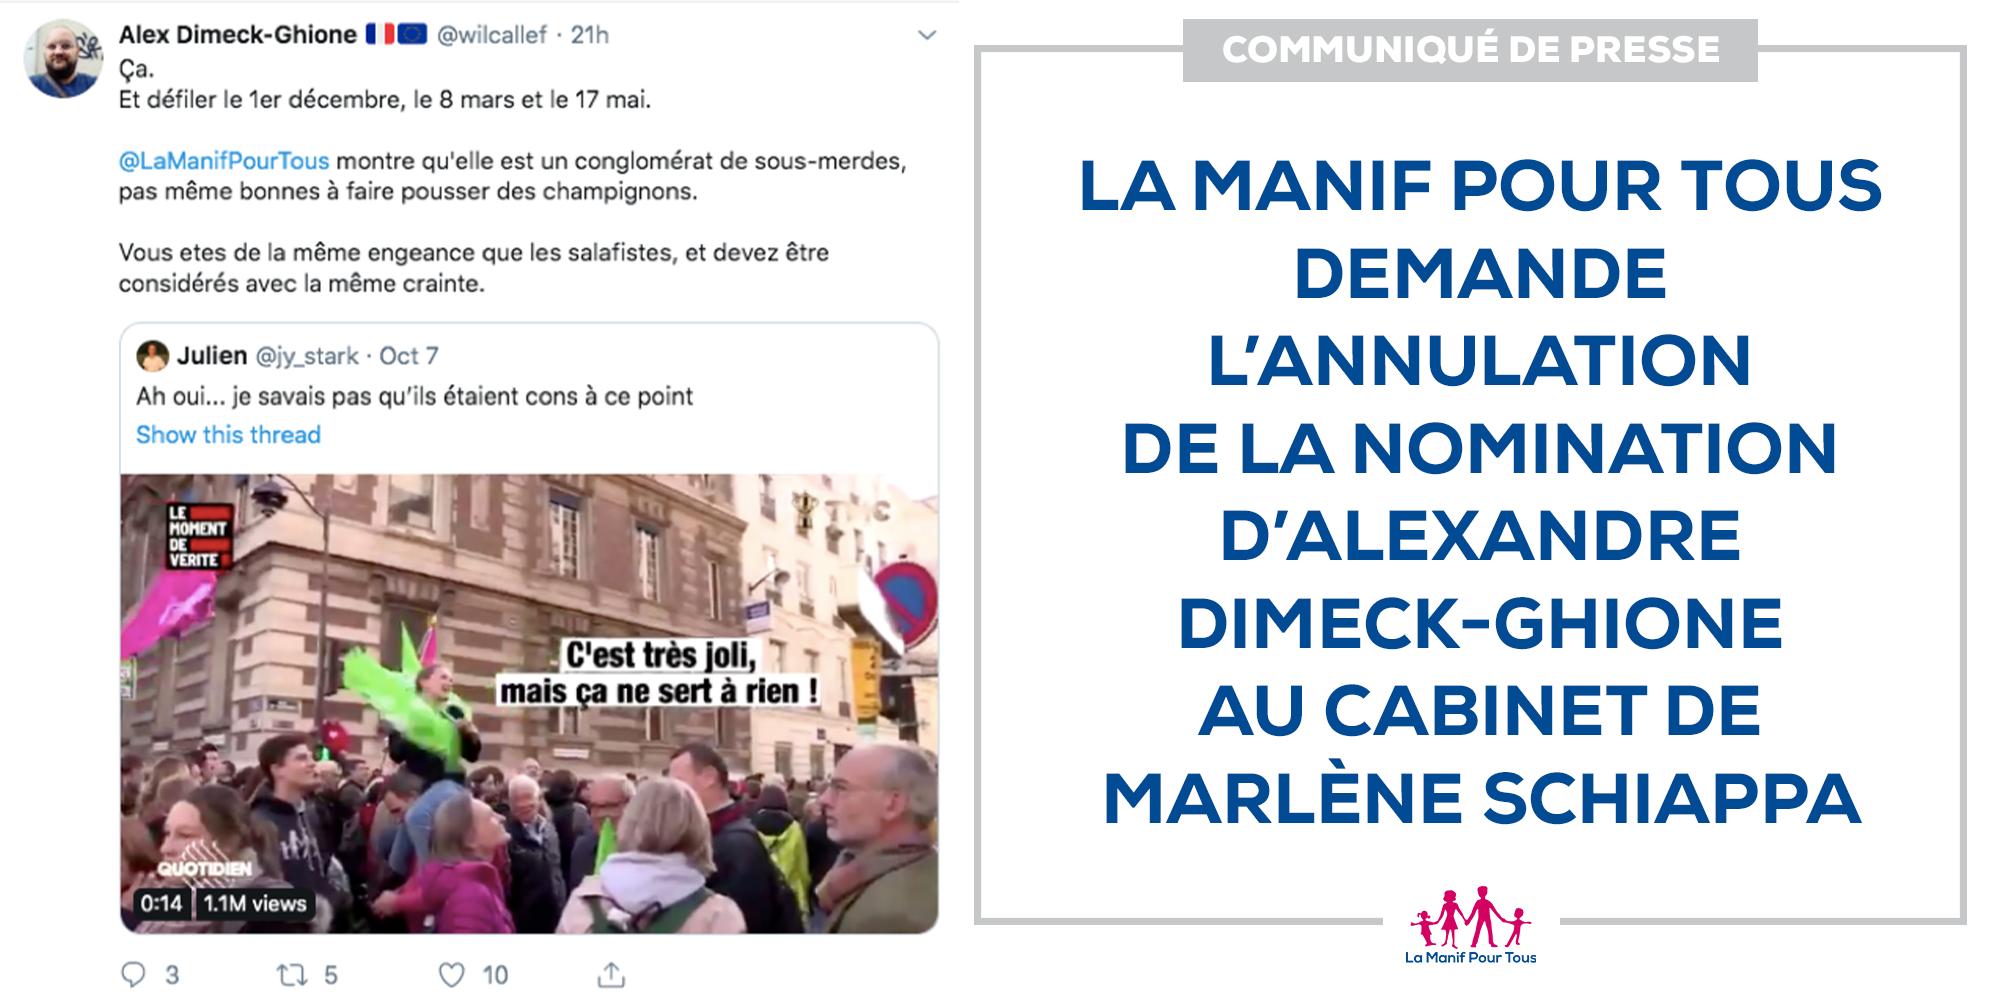 Image - Communiqué – La Manif Pour Tous demande l'annulation de la nomination d'Alexandre Dimeck-Ghione au cabinet de Marlène Schiappa